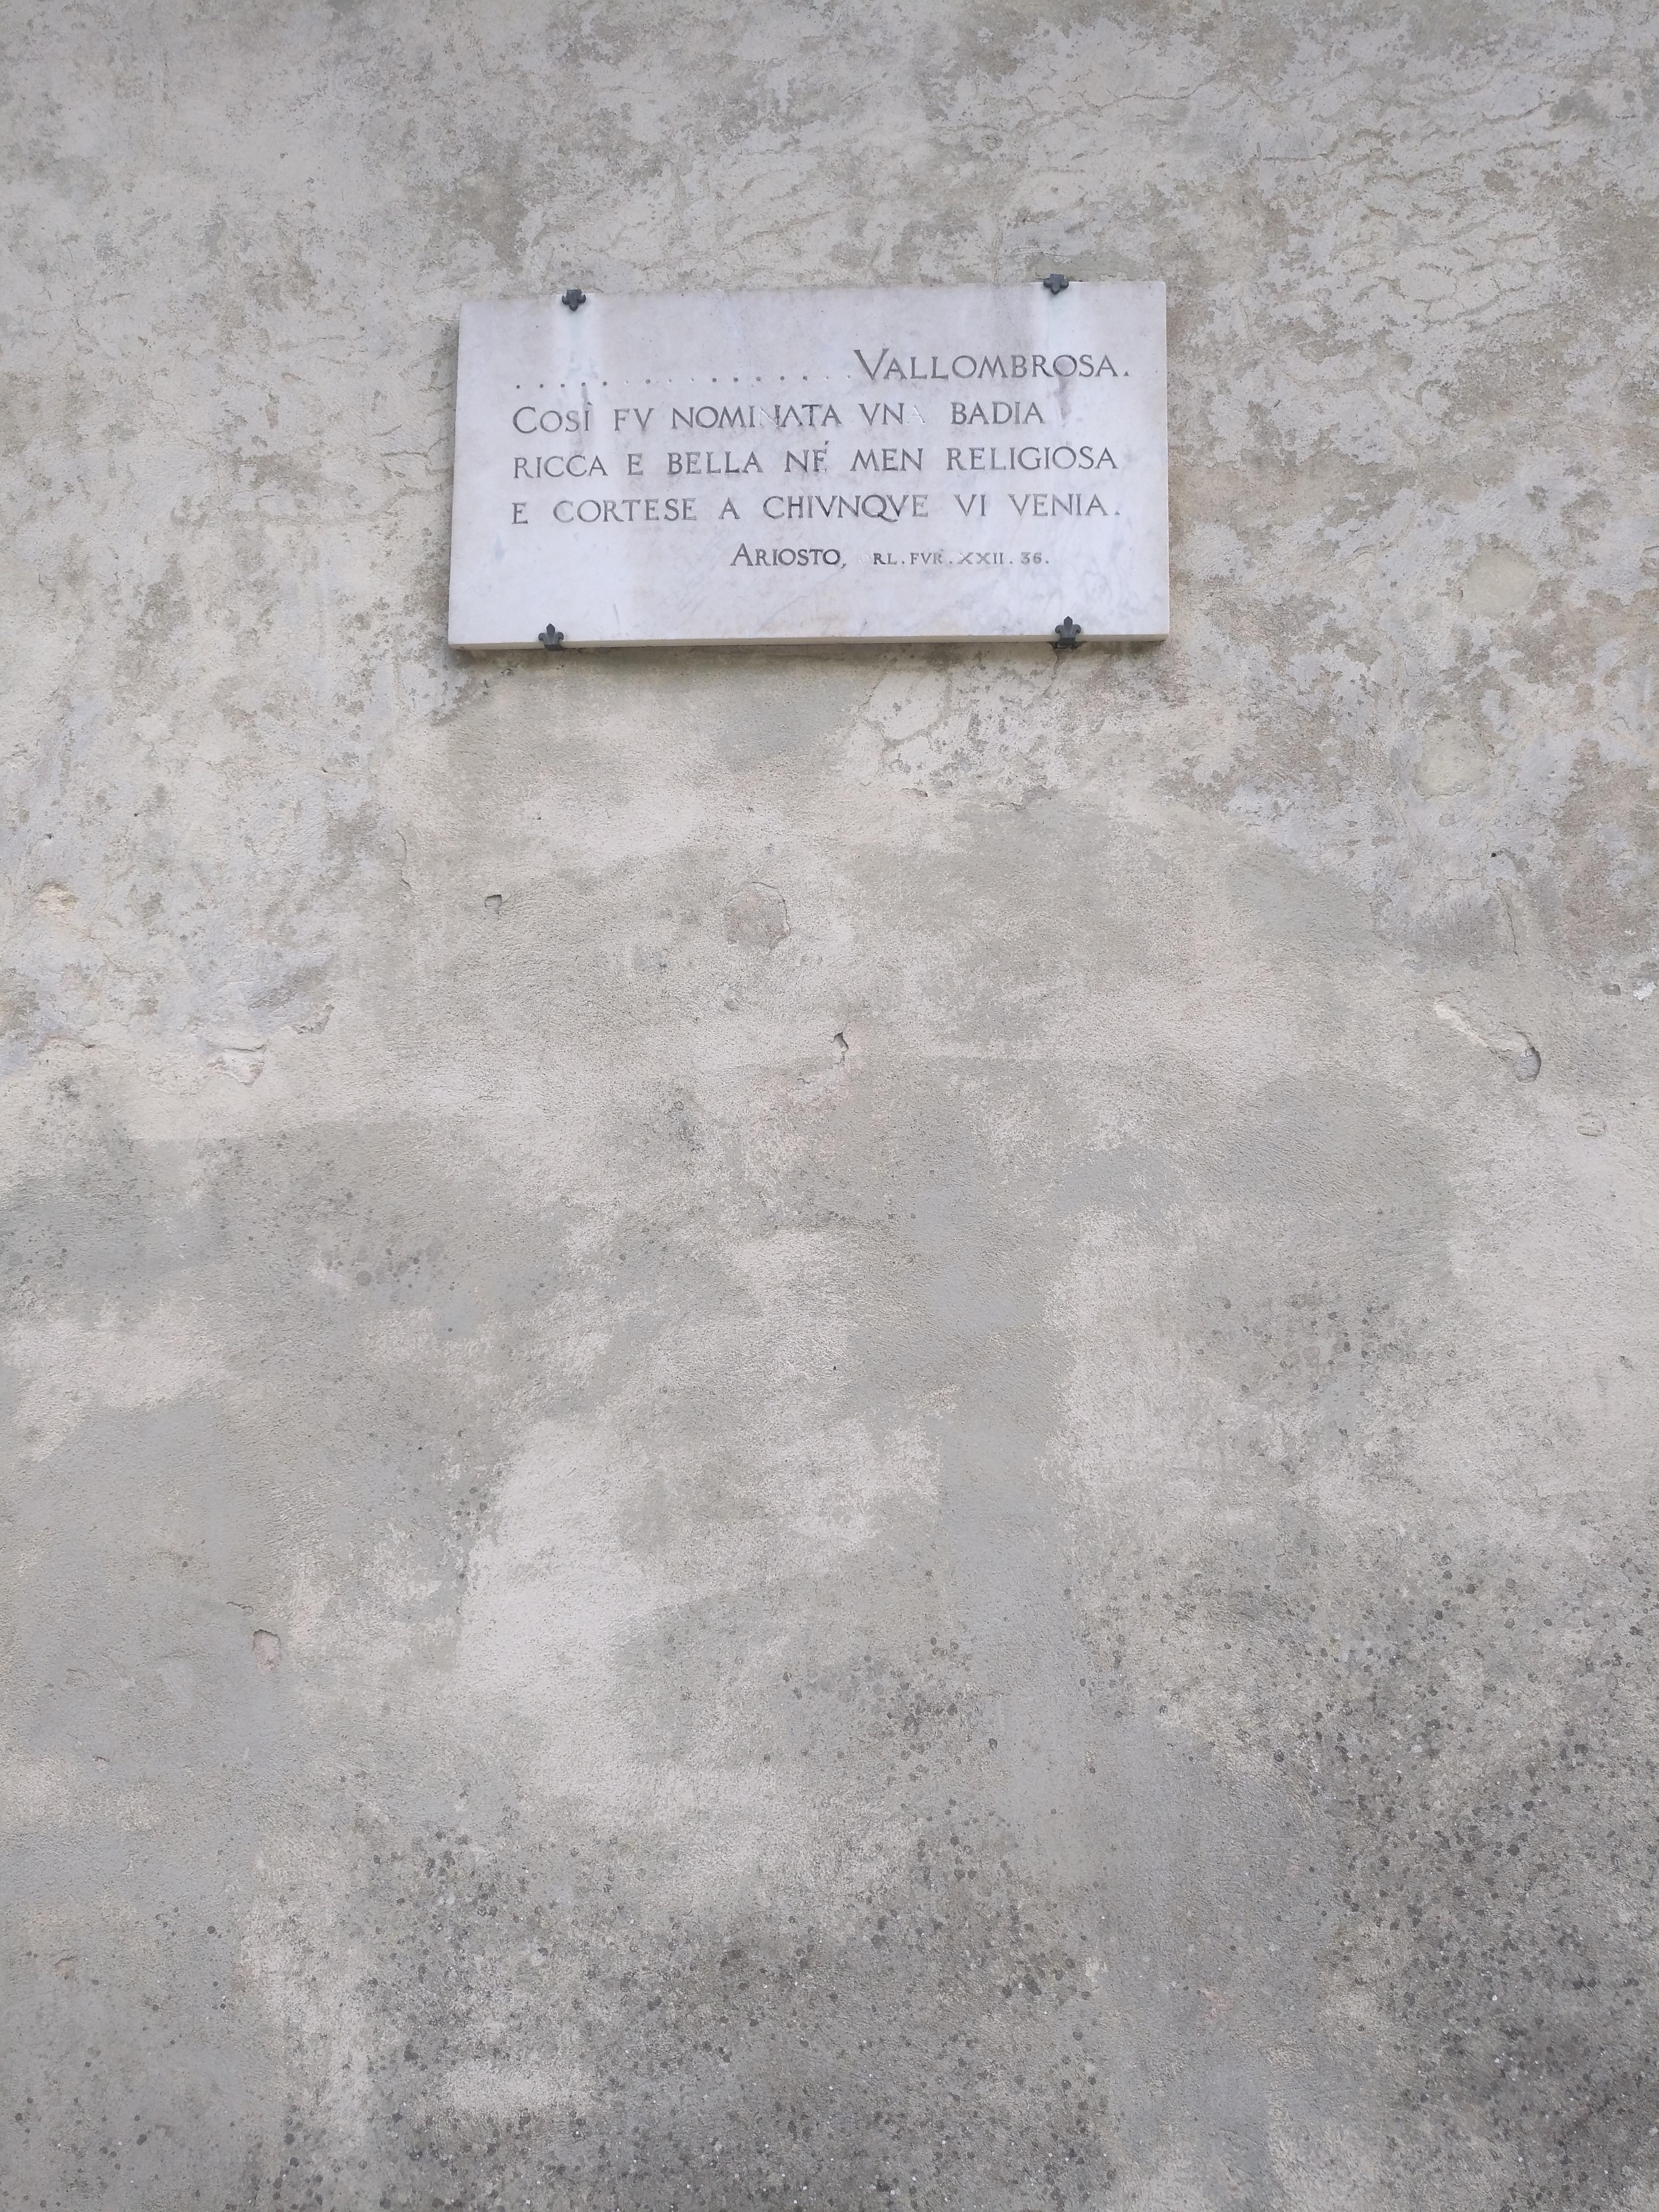 Pieve a Pitiana – Prato di Strada, Vallombrosa